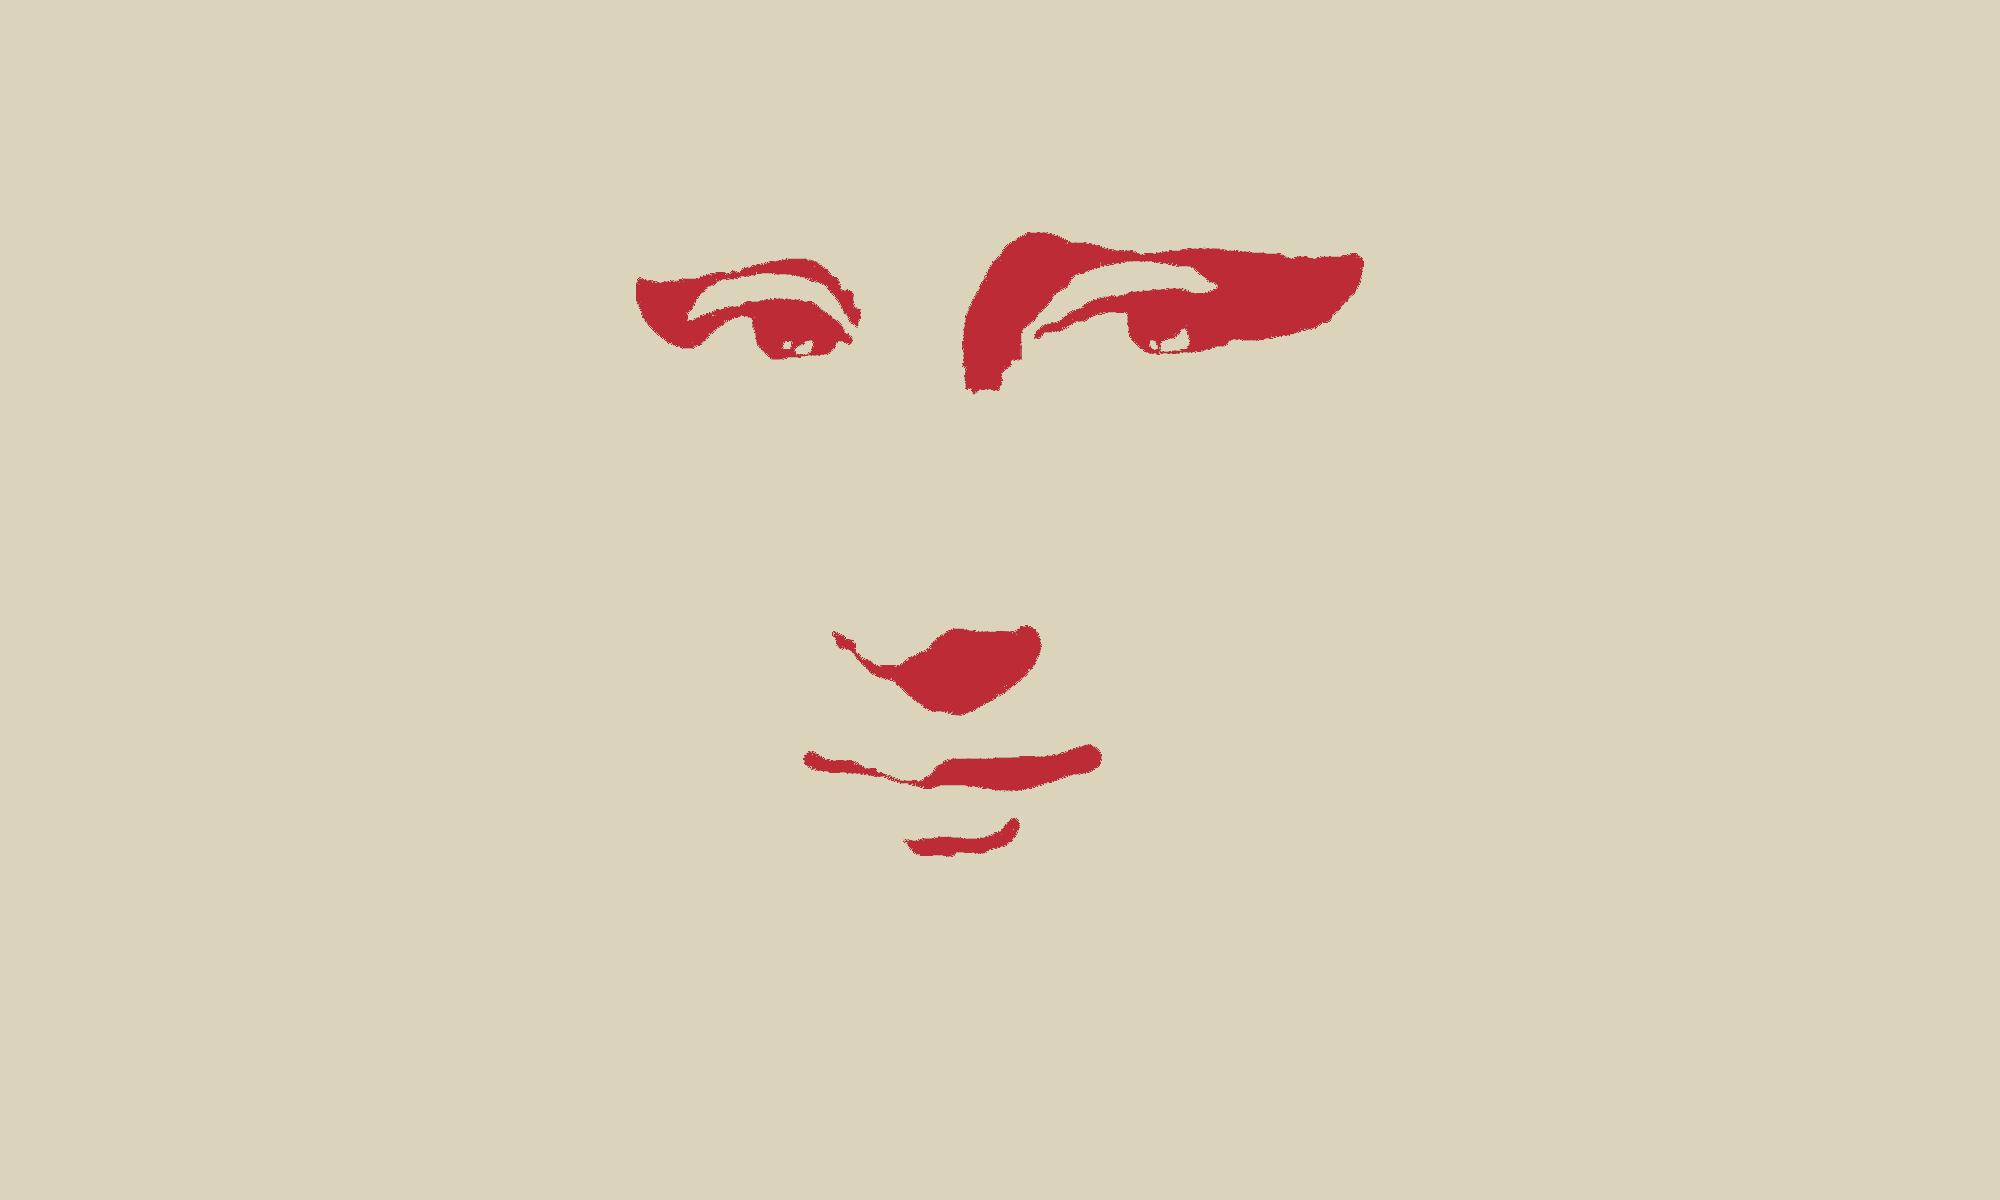 Ritratti di donne - ADO-Analisidellopera